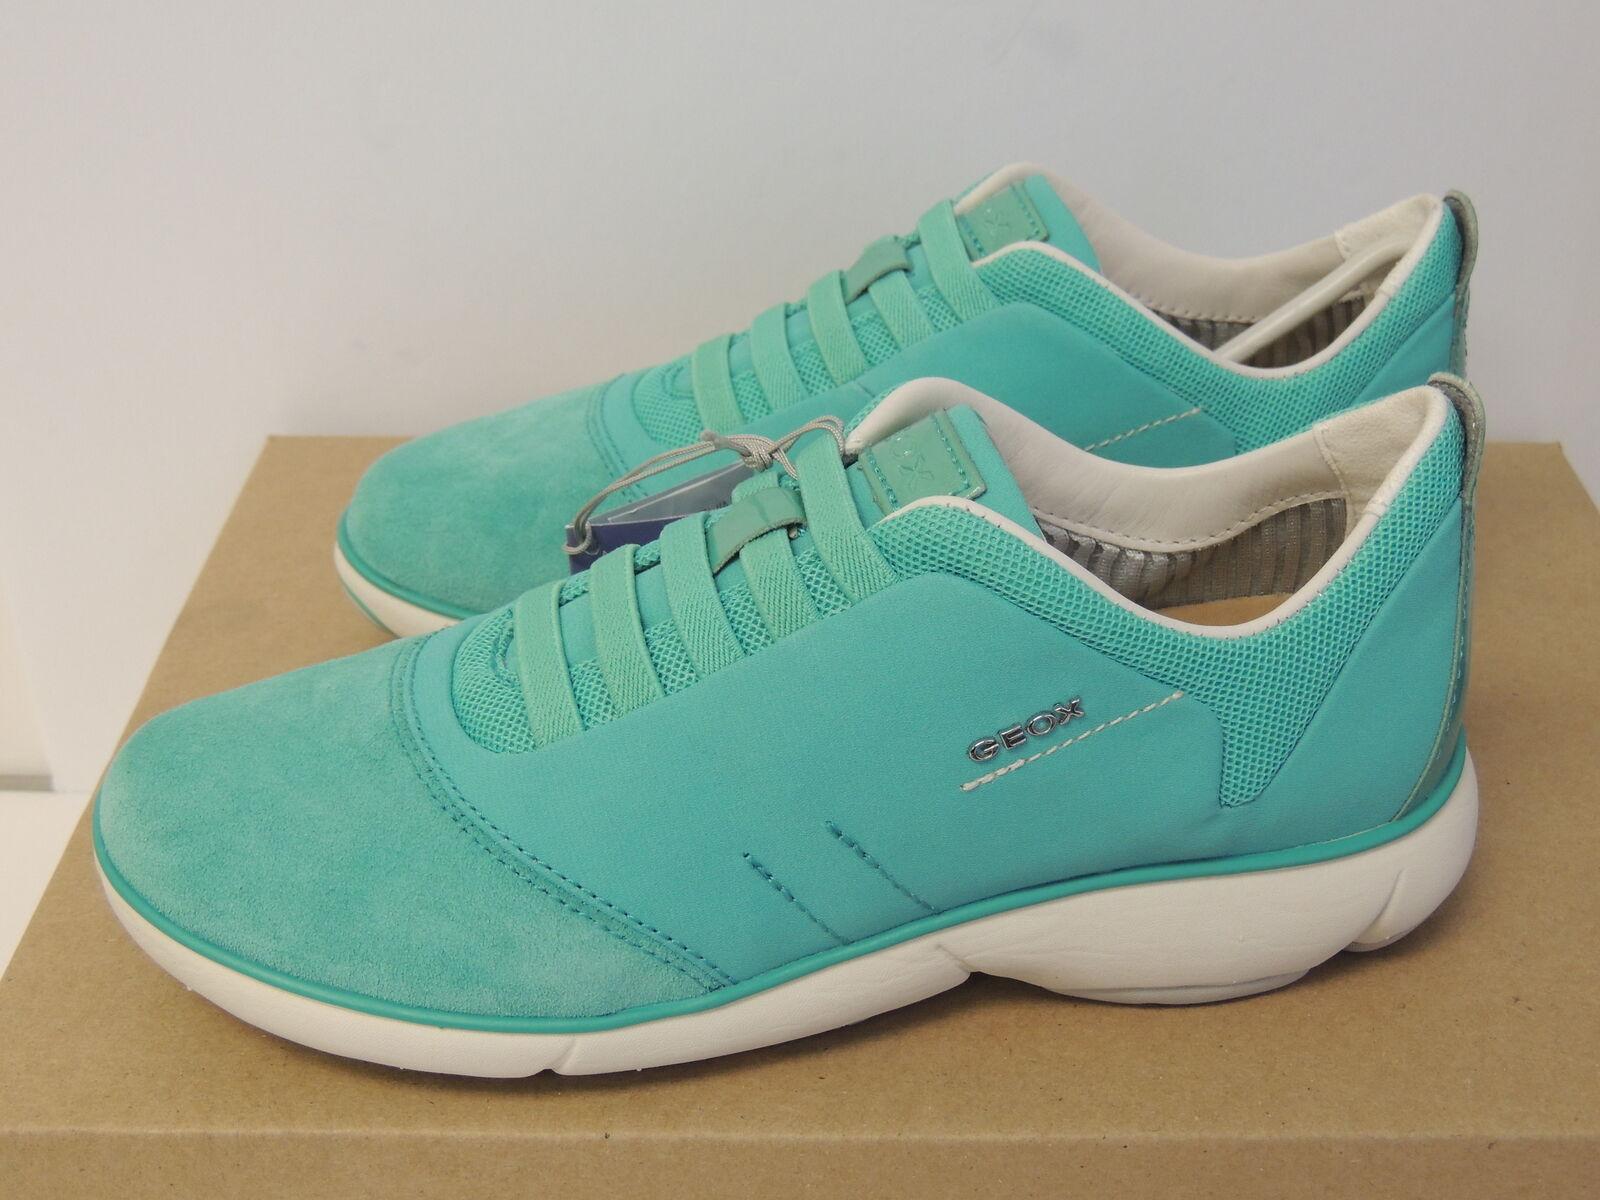 Geox Women Trainers Nebula Sneaker shoes, Water Sea (Size 5 US )